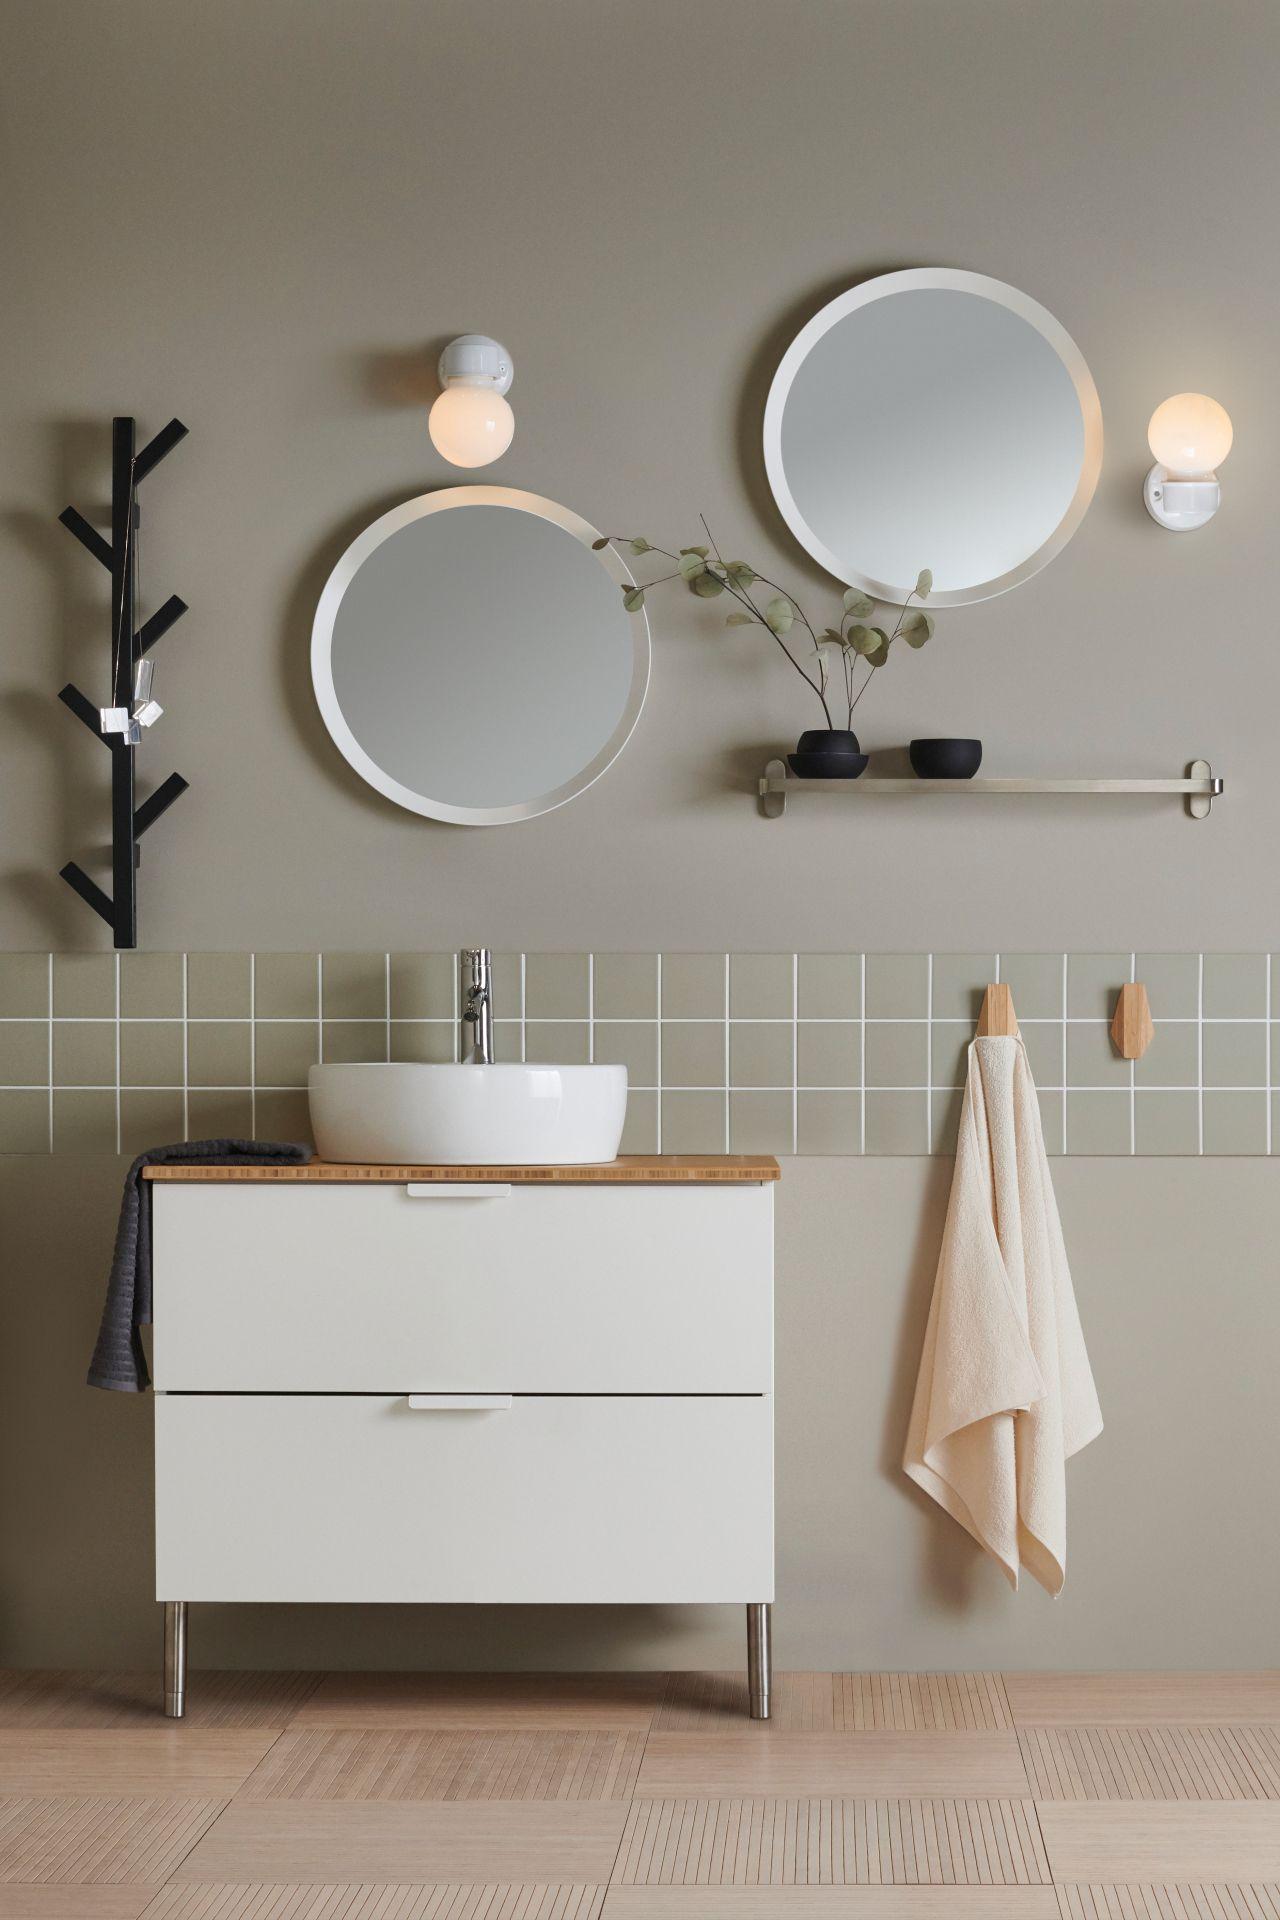 Mobel Einrichtungsideen Fur Dein Zuhause Badezimmer Renovieren Badezimmer Innenausstattung Badezimmer Klein